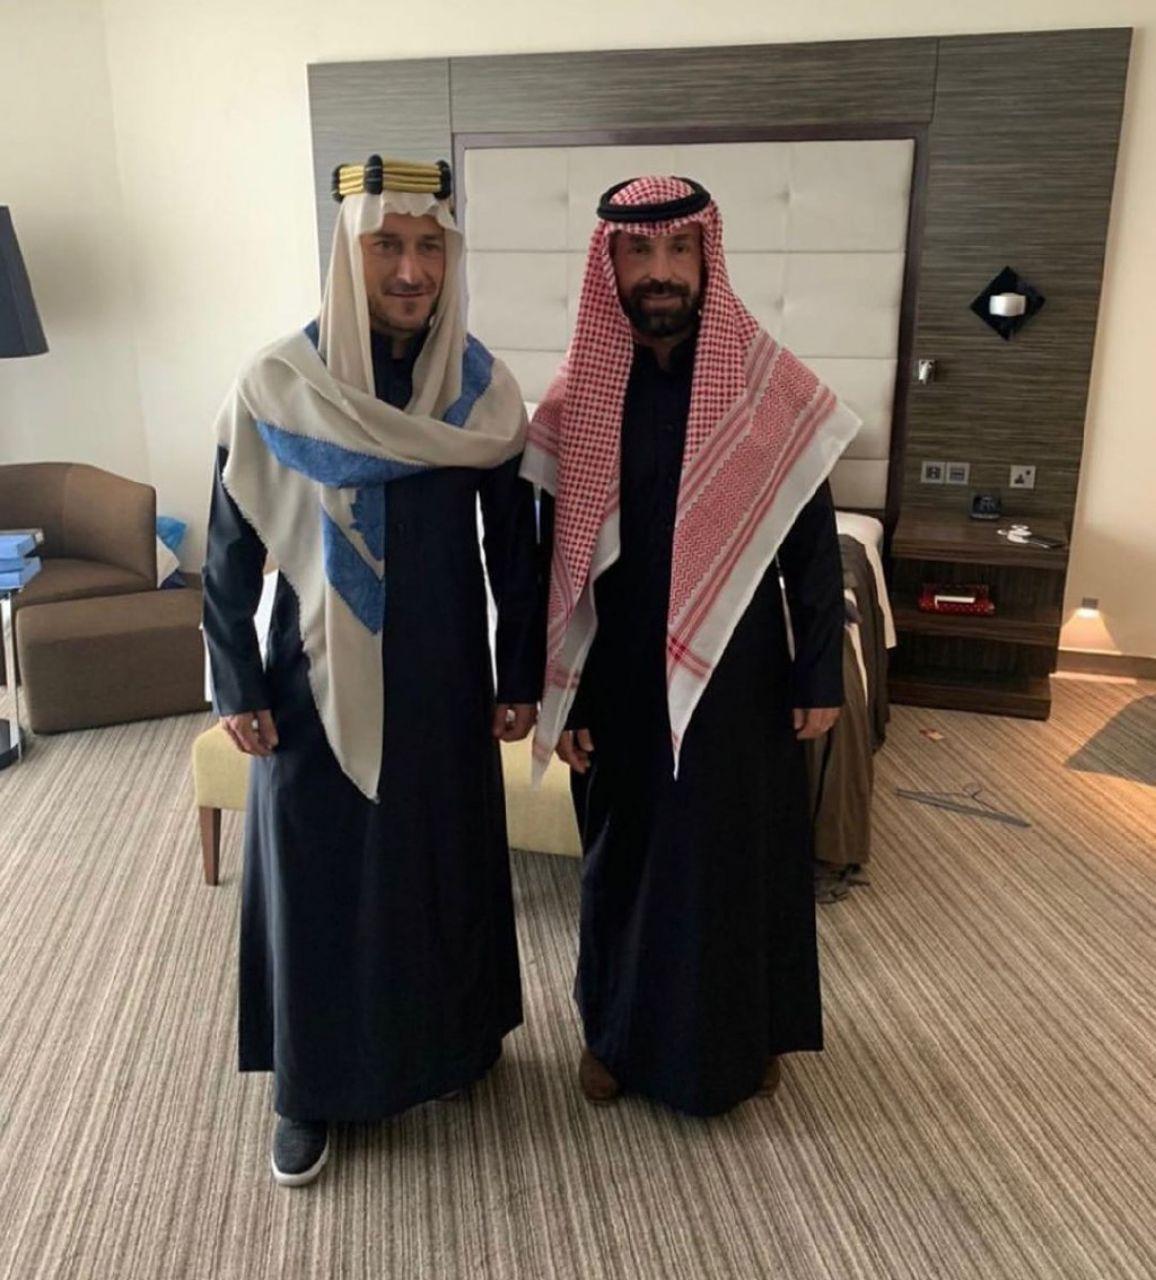 پیرلو و توتی با لباس عربی